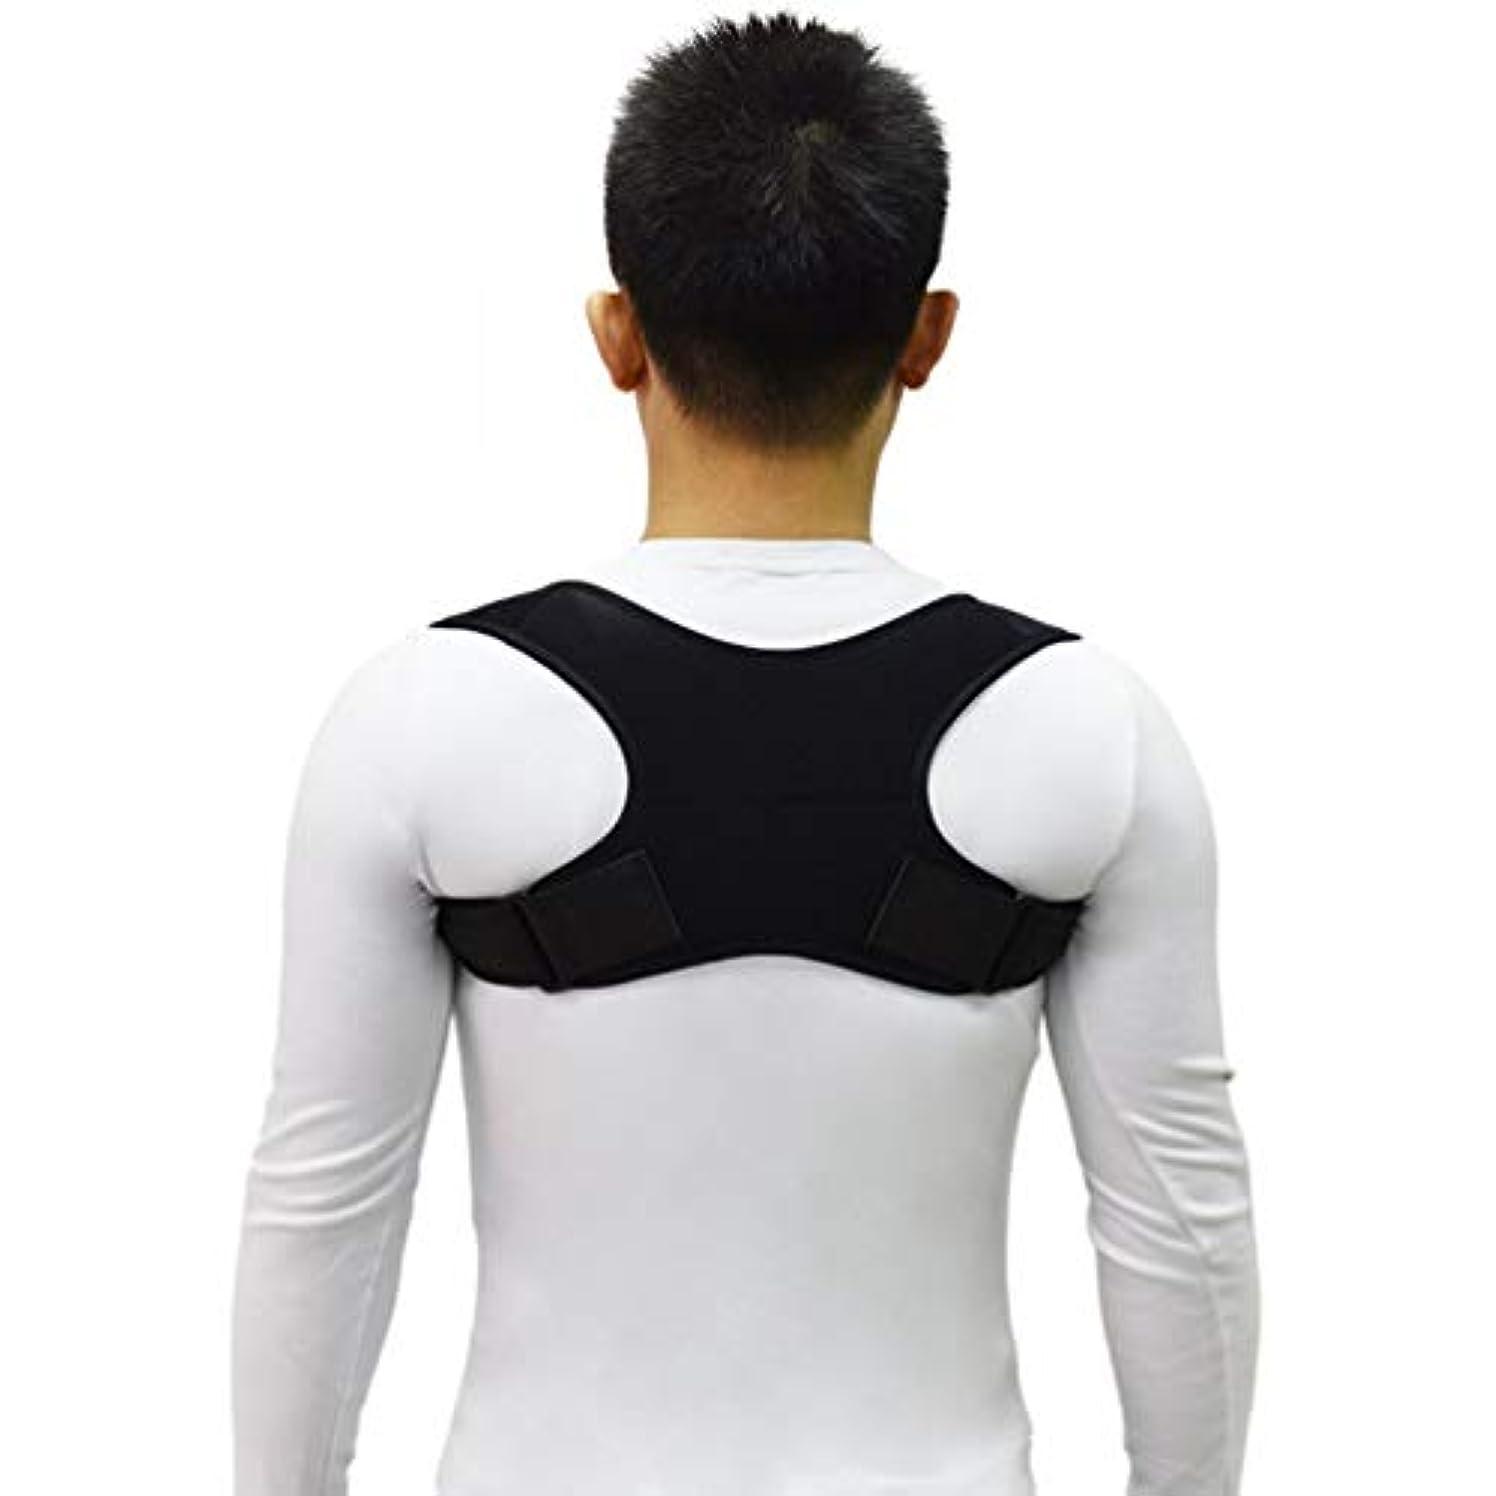 診断する通常実際の新しいアッパーバックポスチャーコレクター姿勢鎖骨サポートコレクターバックストレートショルダーブレースストラップコレクター - ブラック